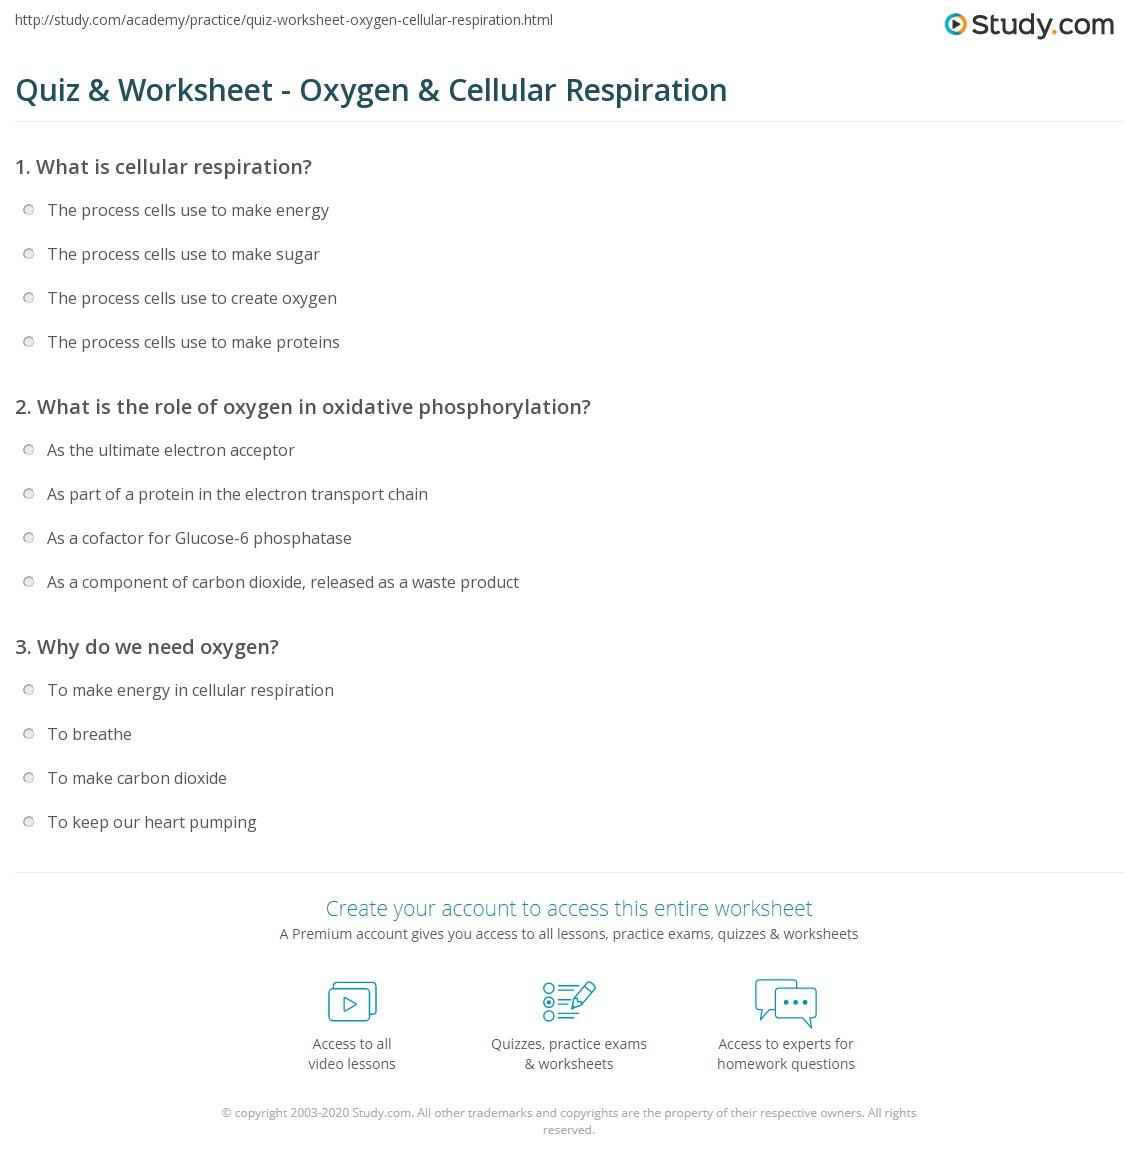 worksheet Cell Respiration Worksheet quiz worksheet oxygen cellular respiration study com print role of in worksheet